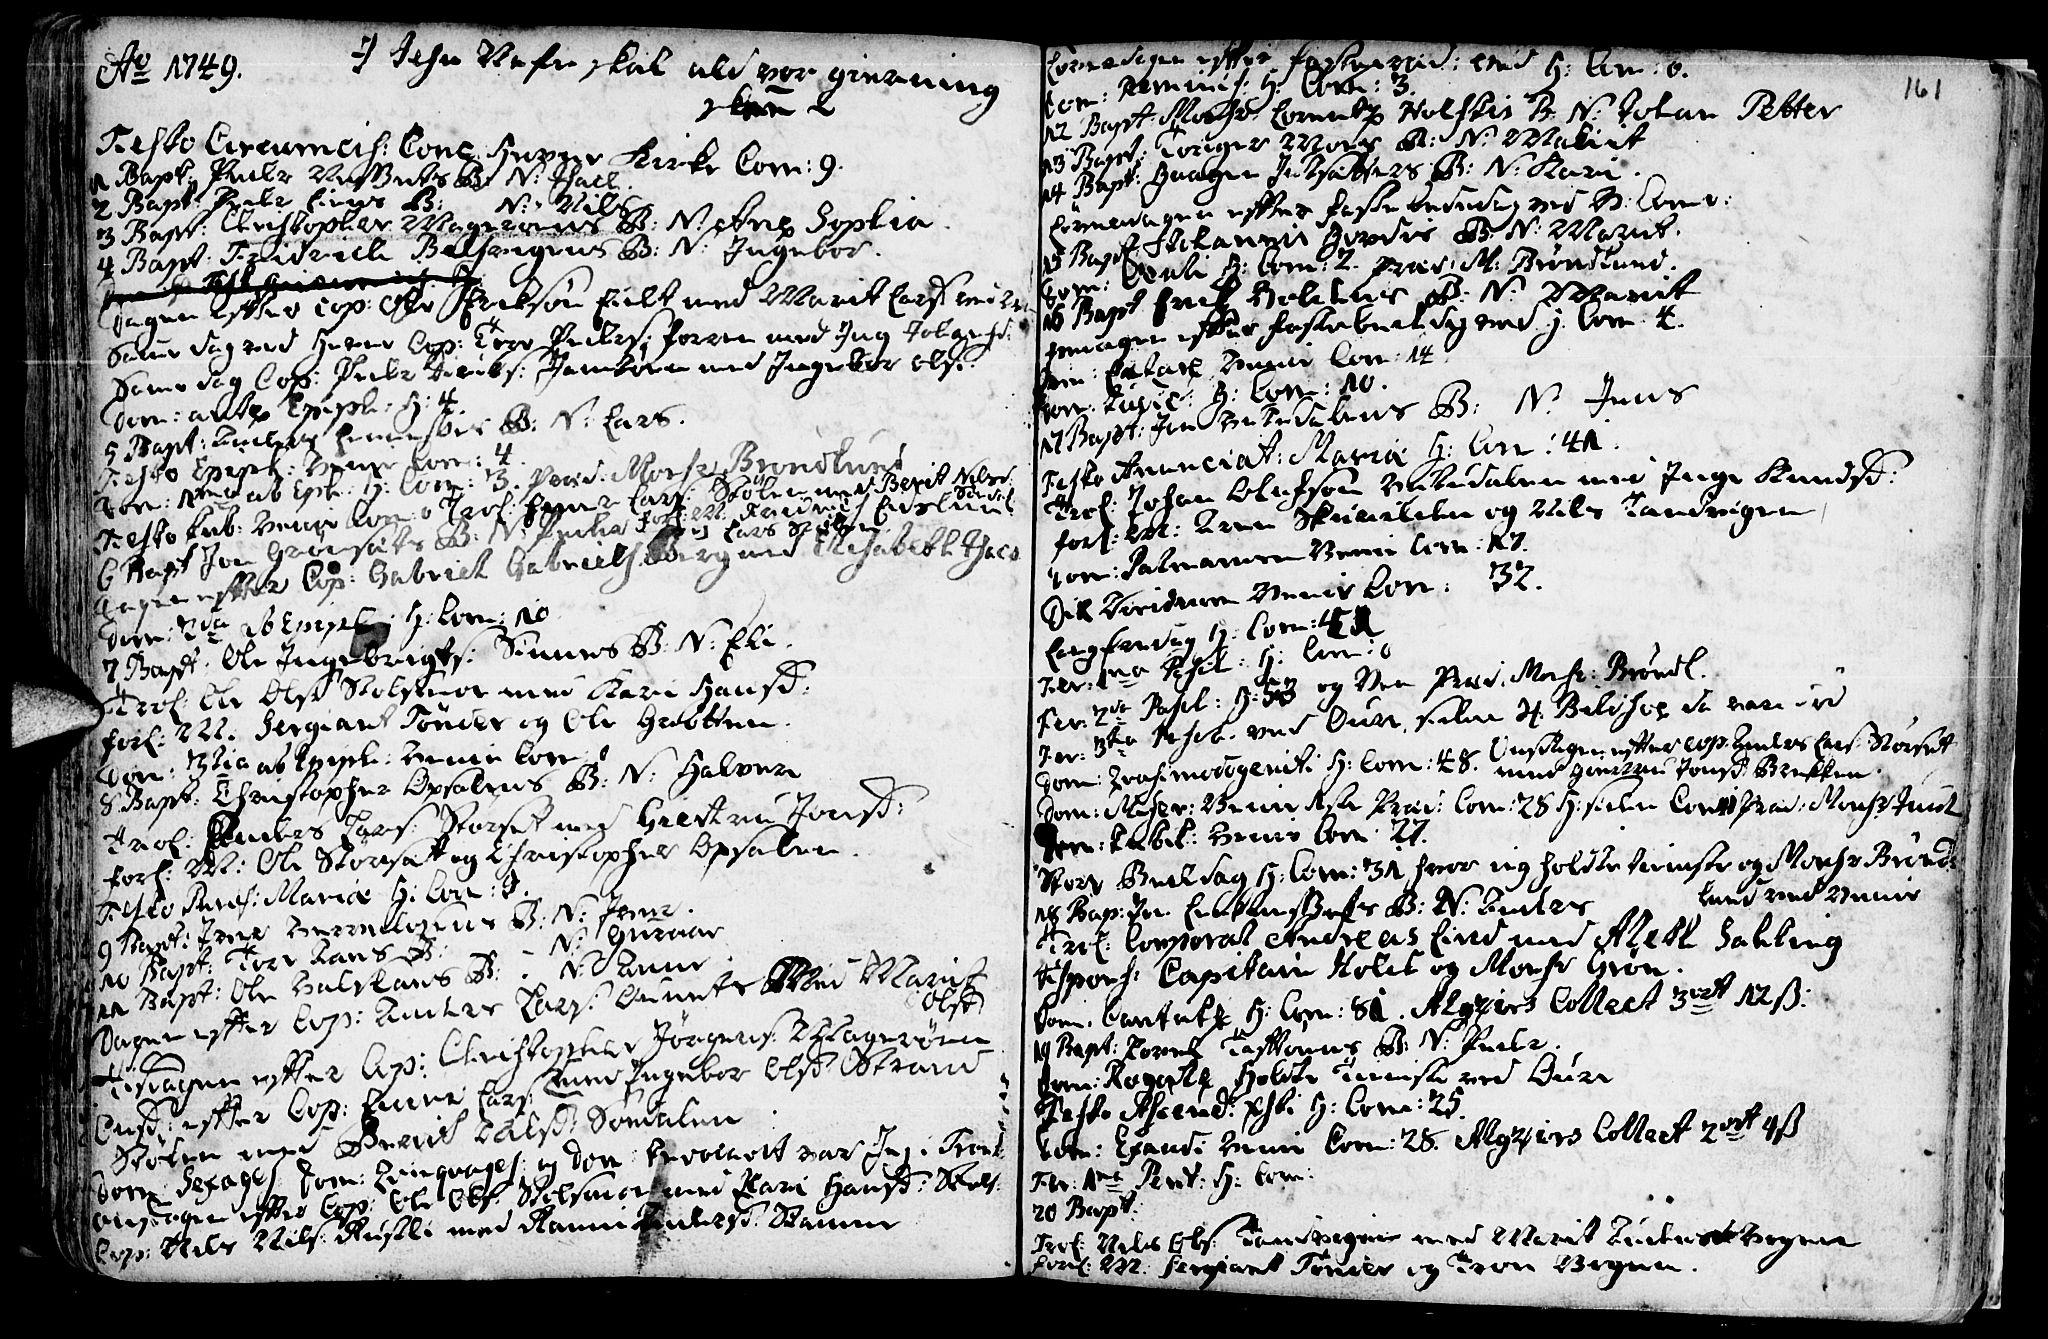 SAT, Ministerialprotokoller, klokkerbøker og fødselsregistre - Sør-Trøndelag, 630/L0488: Ministerialbok nr. 630A01, 1717-1756, s. 160-161